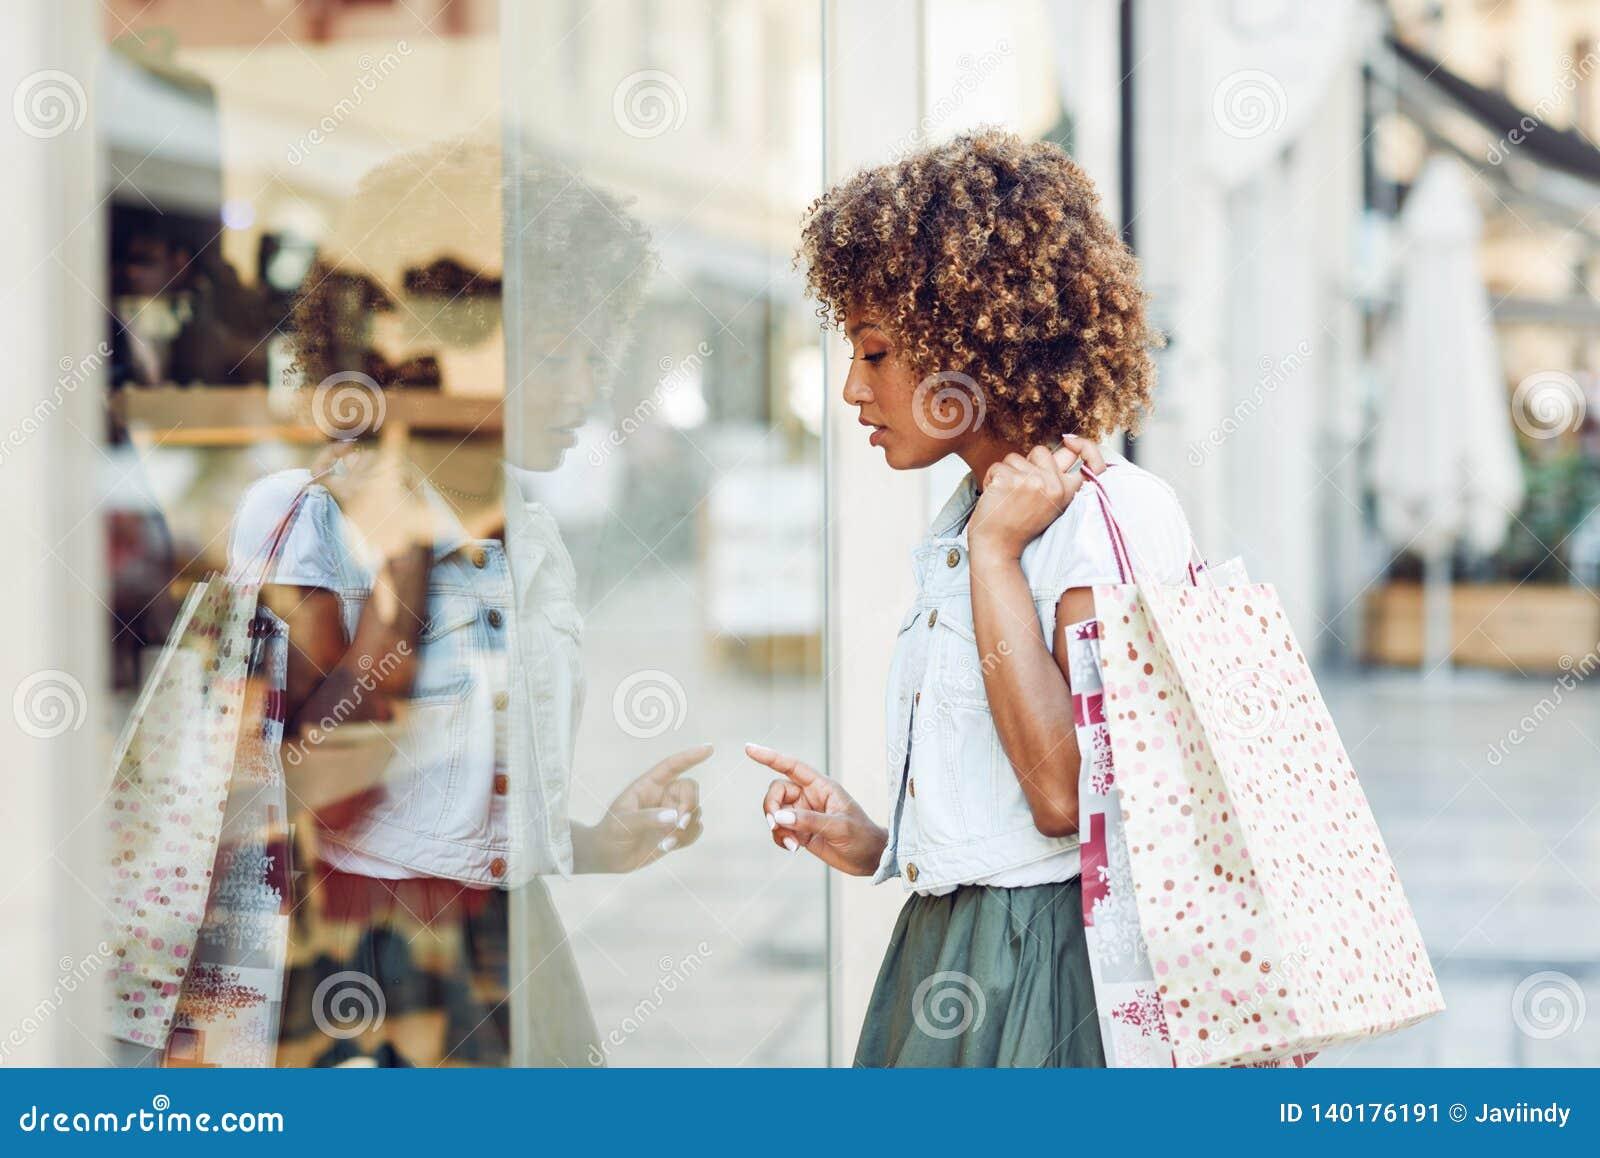 Mujer negra joven, peinado afro, mirando una ventana de la tienda